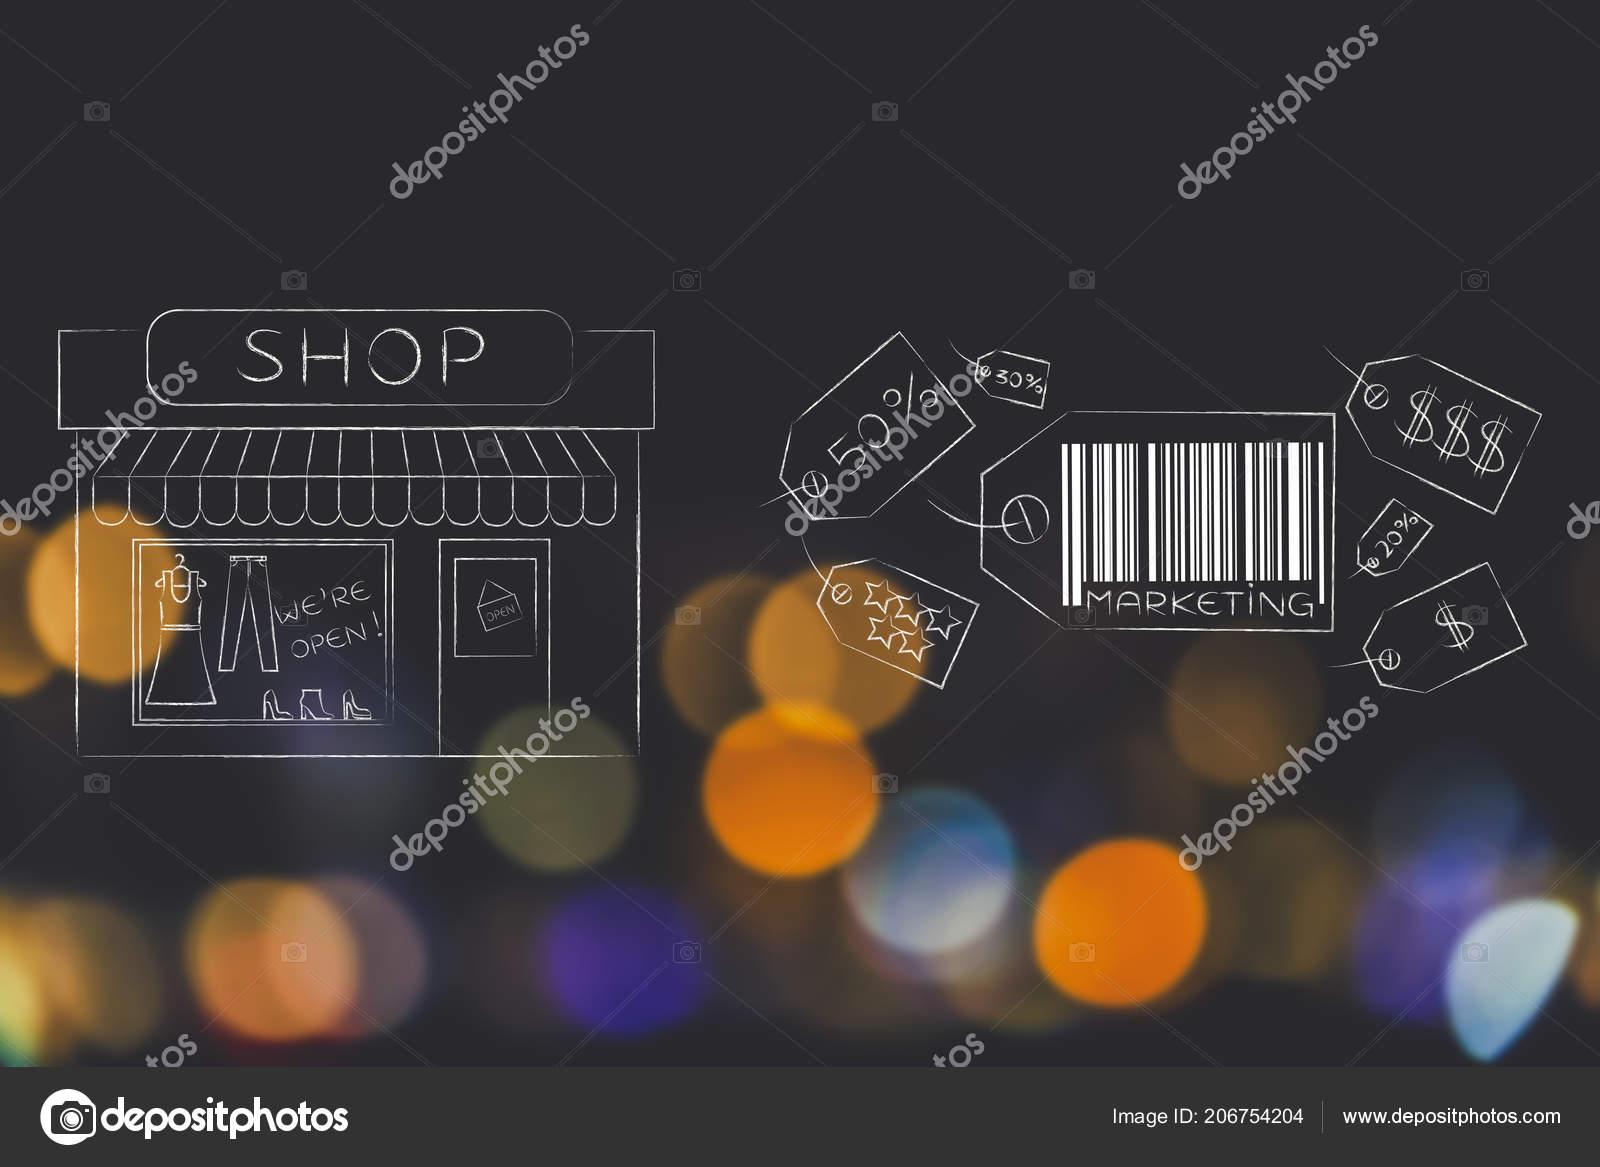 a9c3c3ba2 Comunicação empresarial e persuadir ilustração conceitual de clientes   grupo de etiquetas de preço com legenda de Marketing ao lado de vitrine de  loja ...